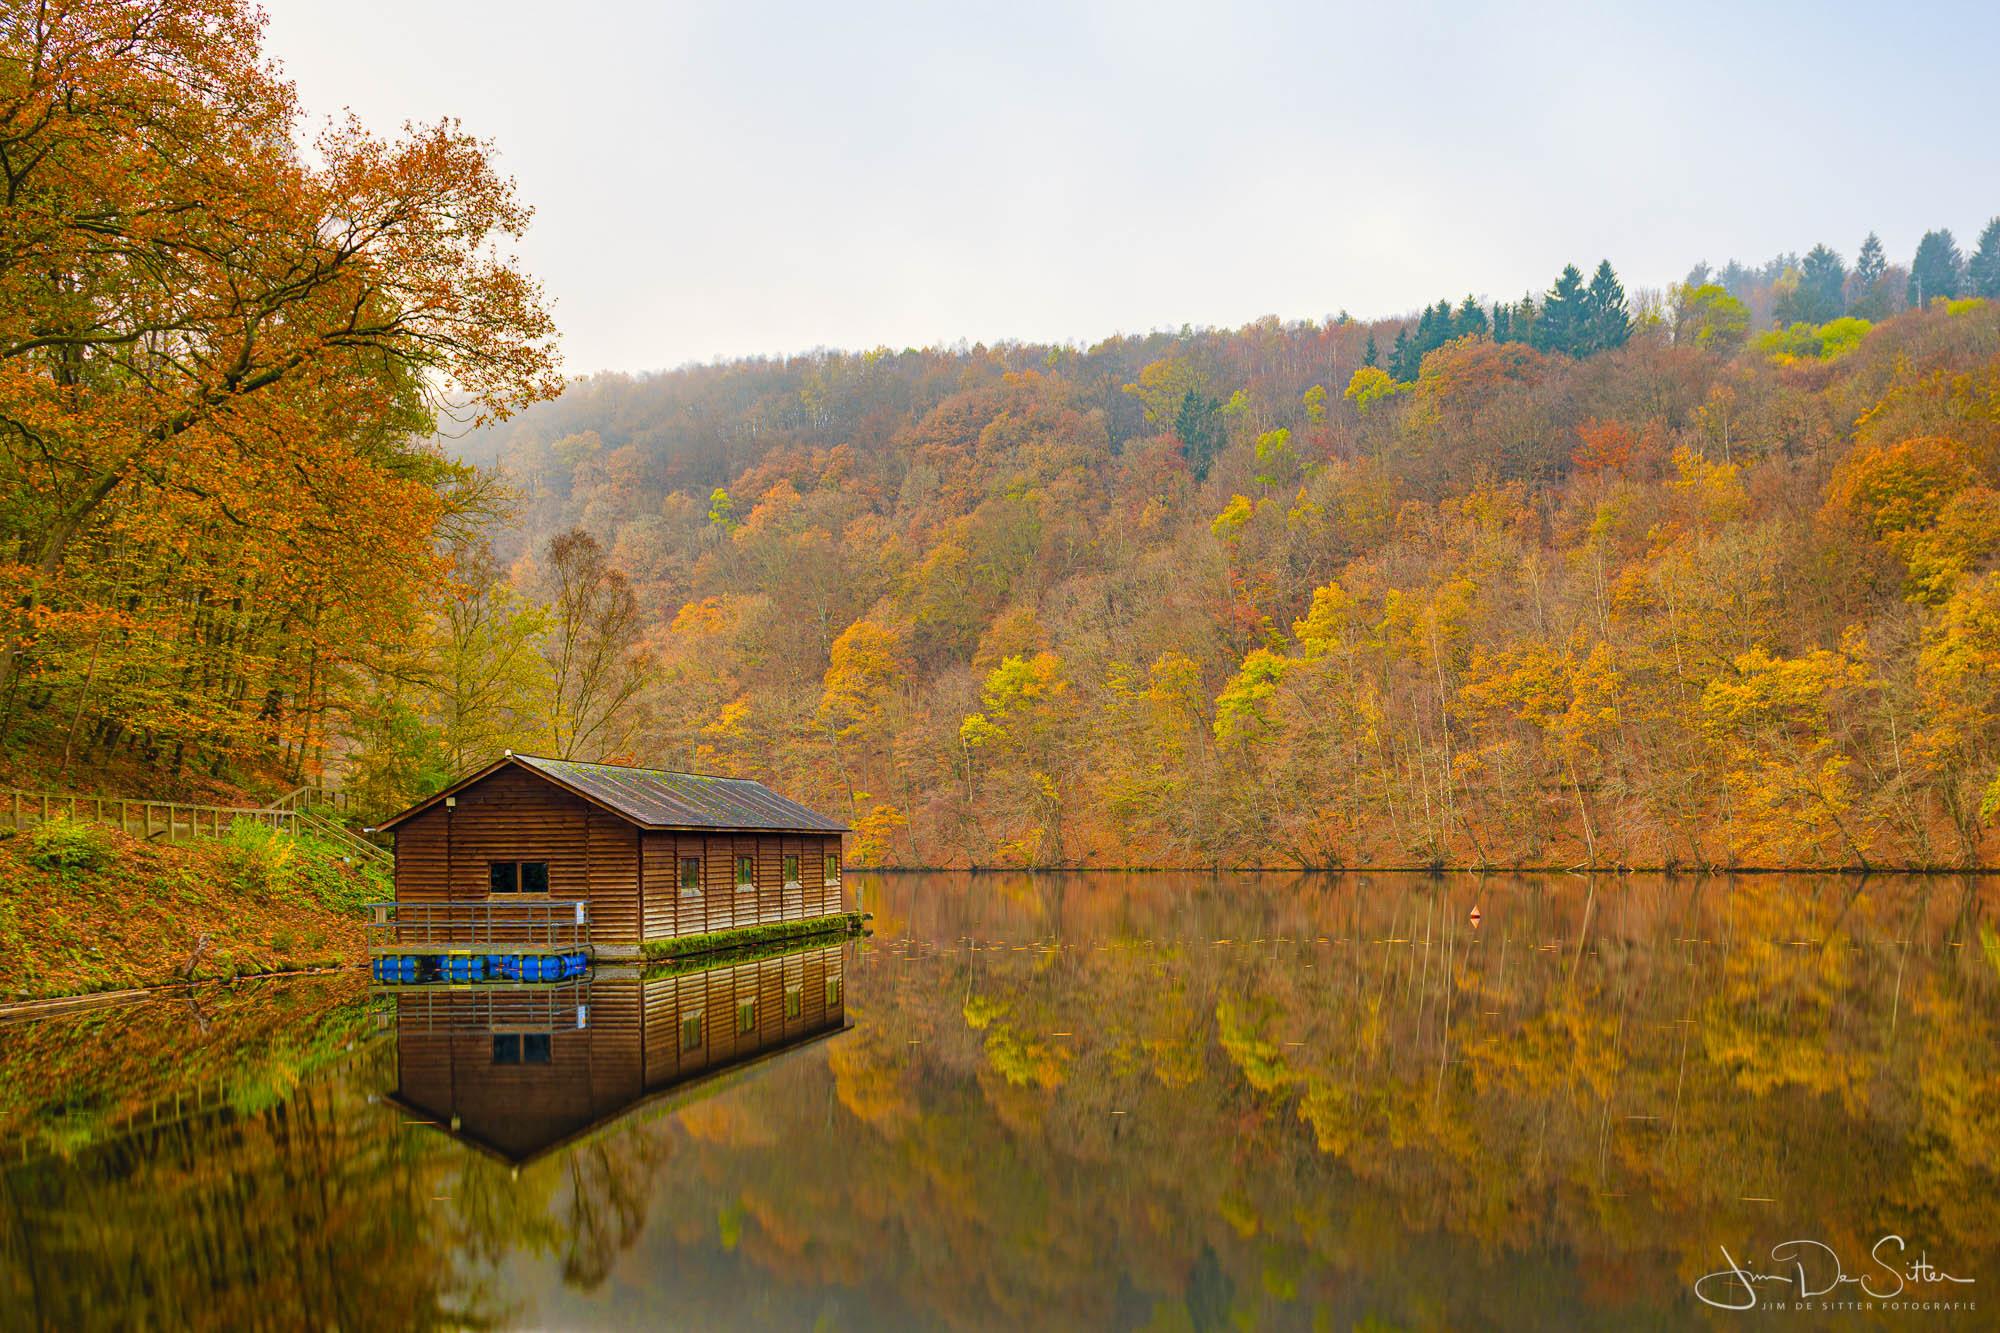 Landschapsfoto : Prachtige herfstkleuren bij het meer van Nisramont